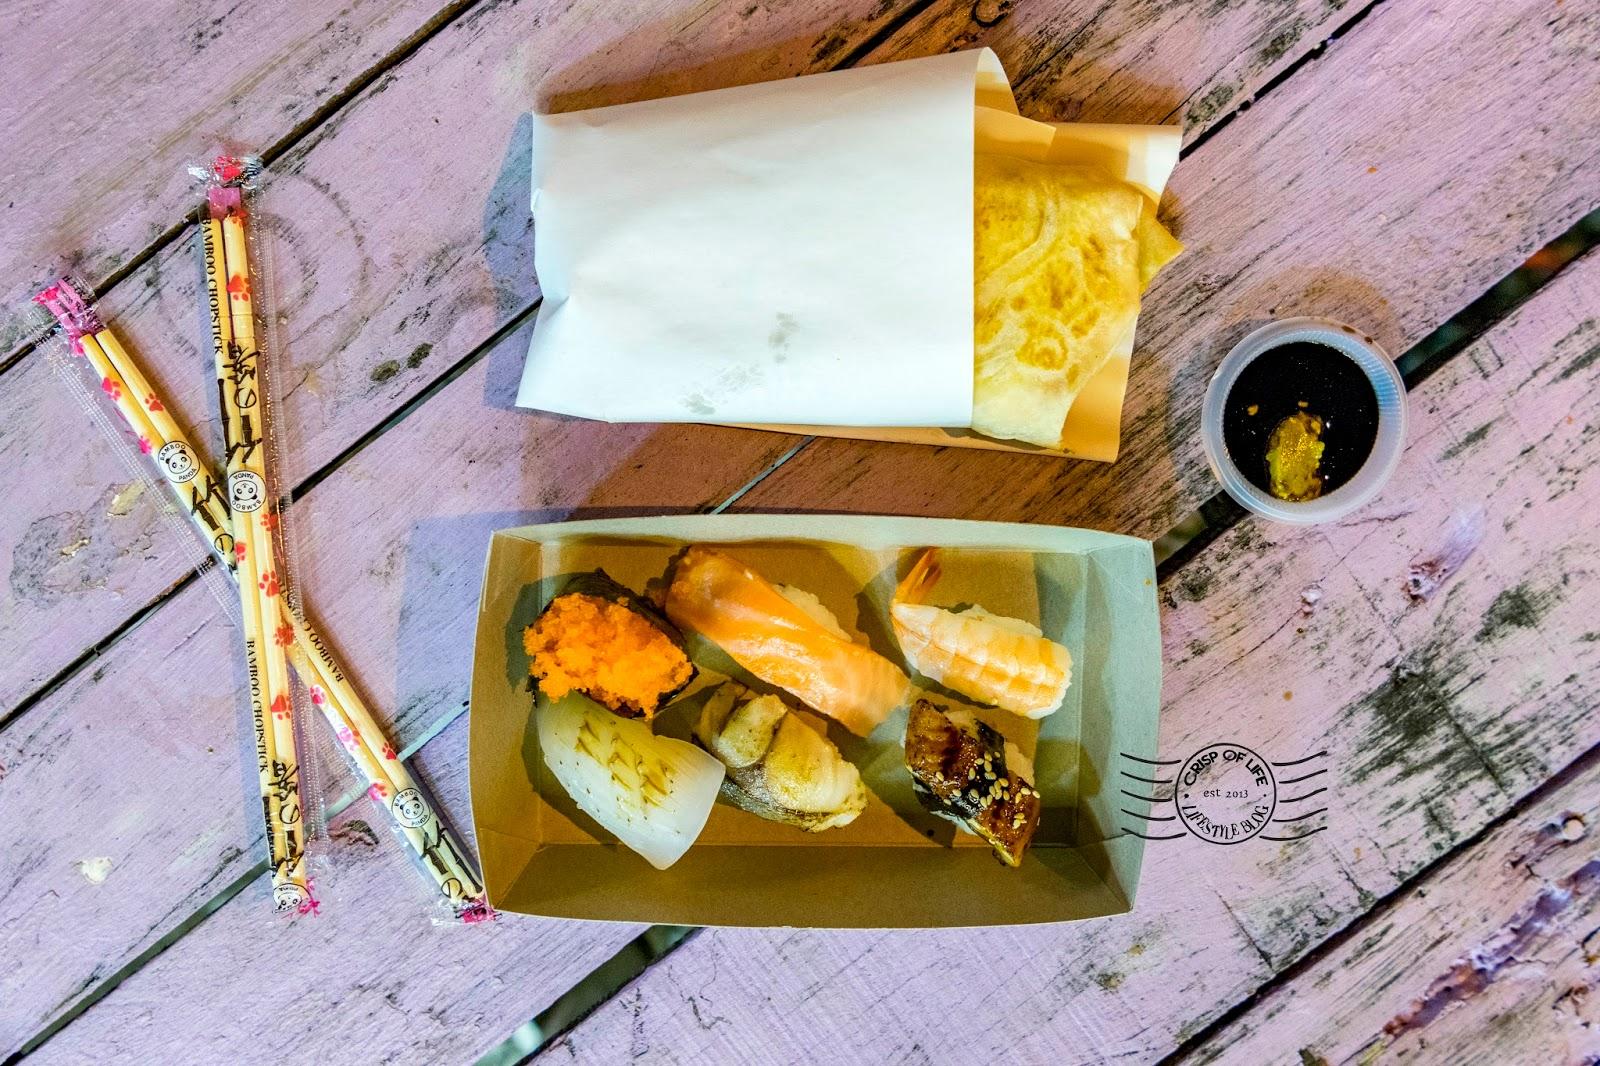 Chulia Street Food Trail: ChitChat corner